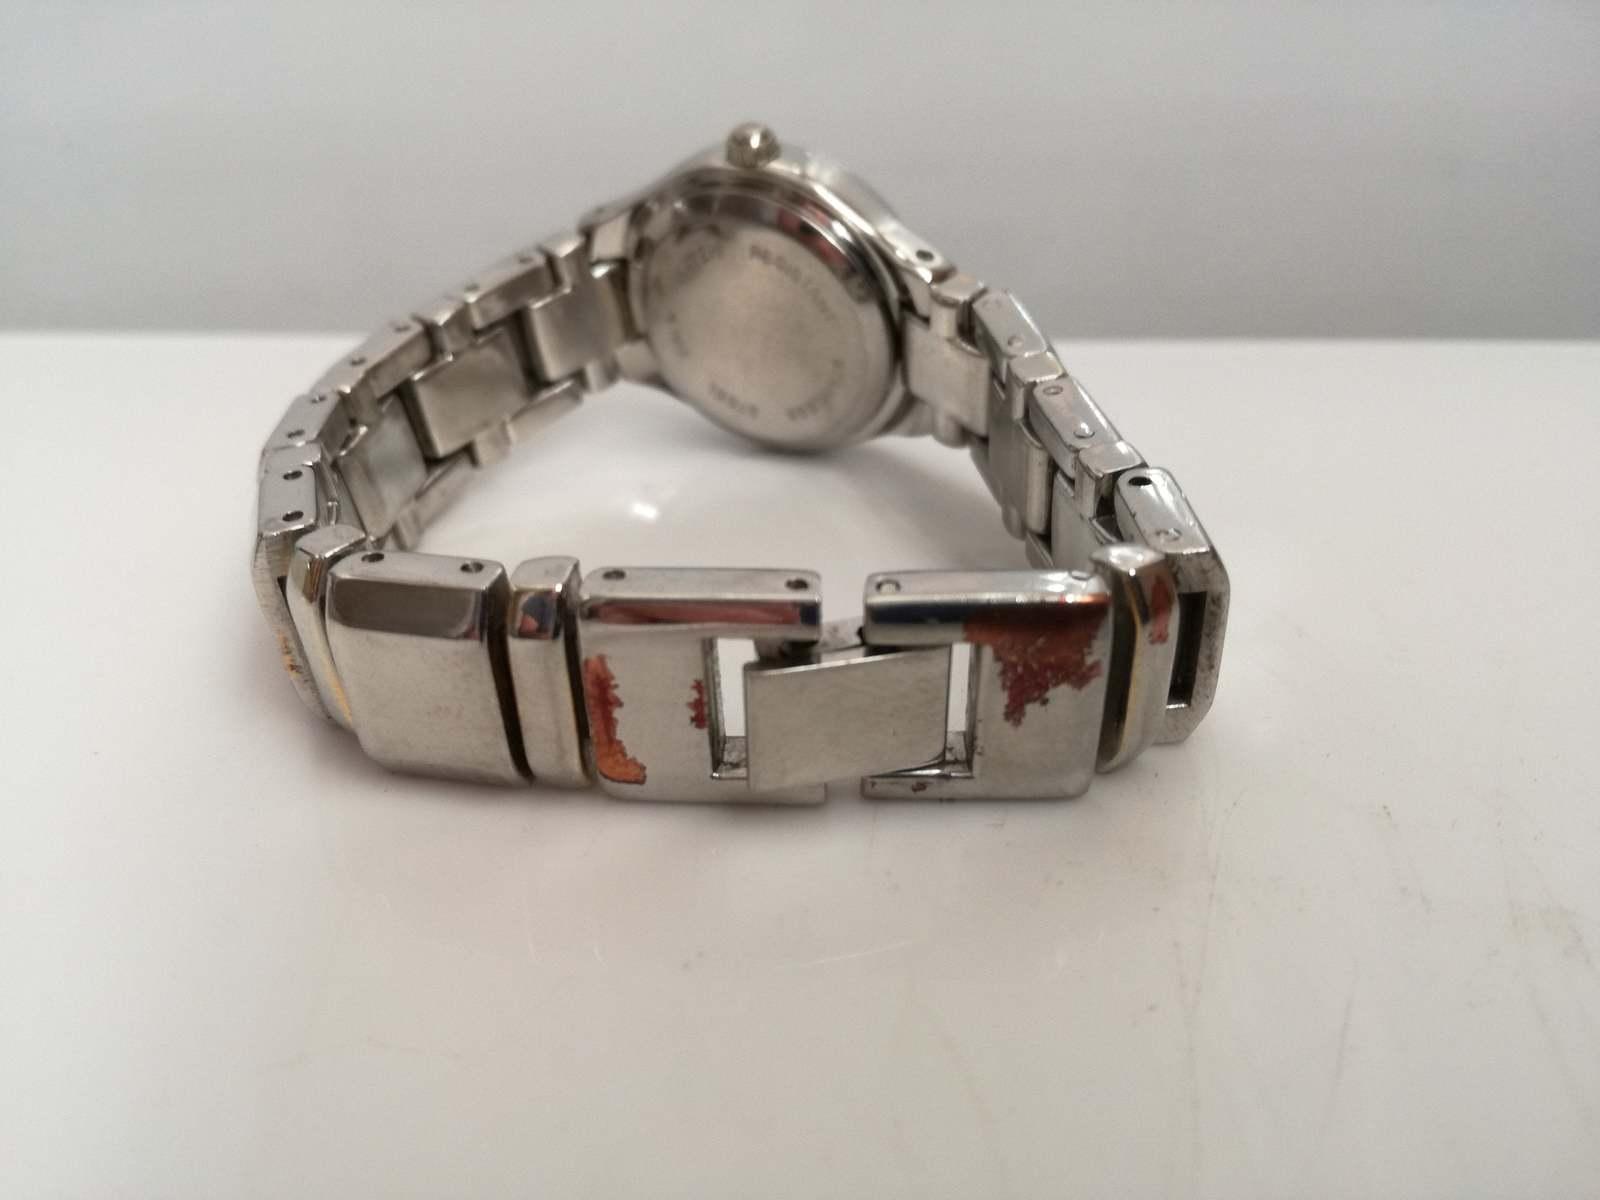 vintage watch / classic  ladies Watch / watch / Vintage watch / quartz watch / d image 3